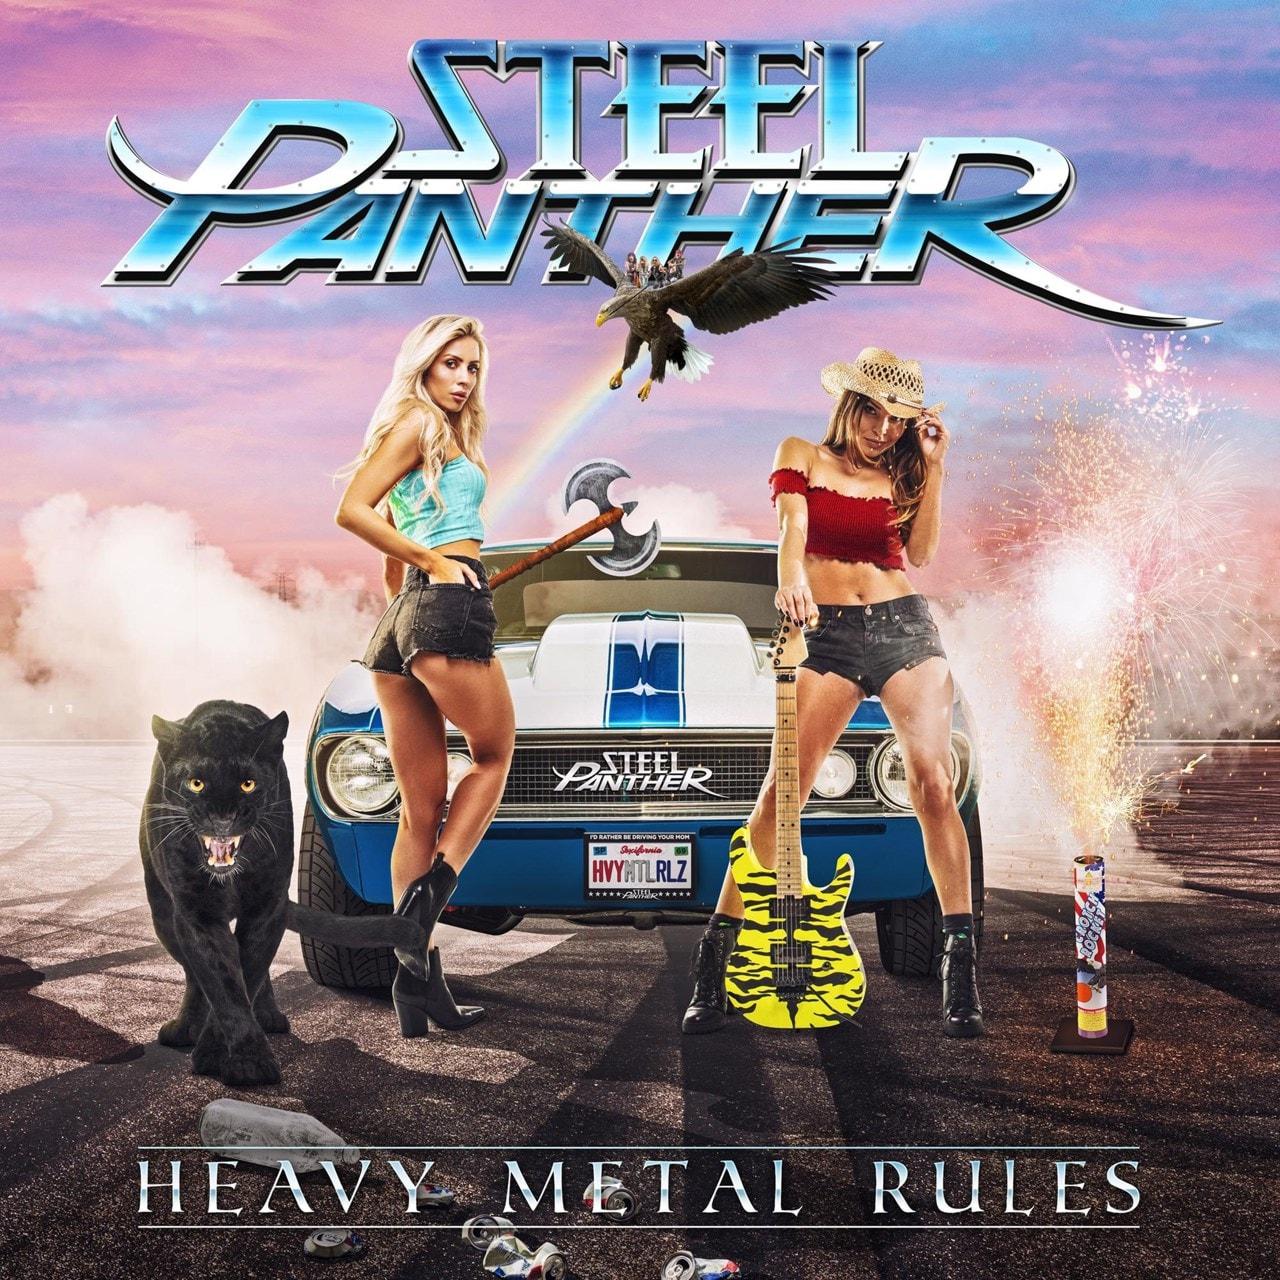 Heavy Metal Rules - 1